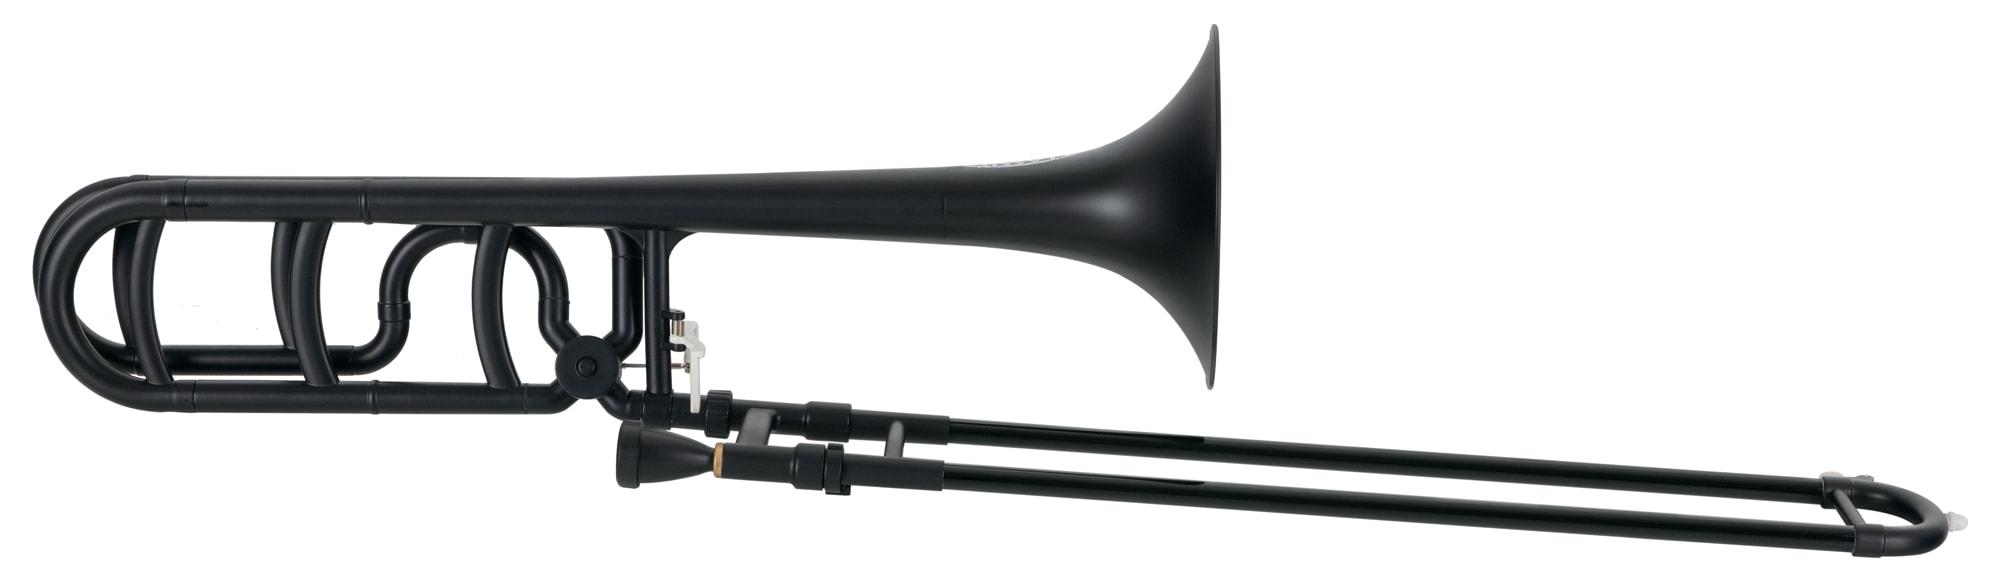 Posaunen - Classic Cantabile MardiBrass Kunststoff Bb|F Quartposaune matt schwarz - Onlineshop Musikhaus Kirstein